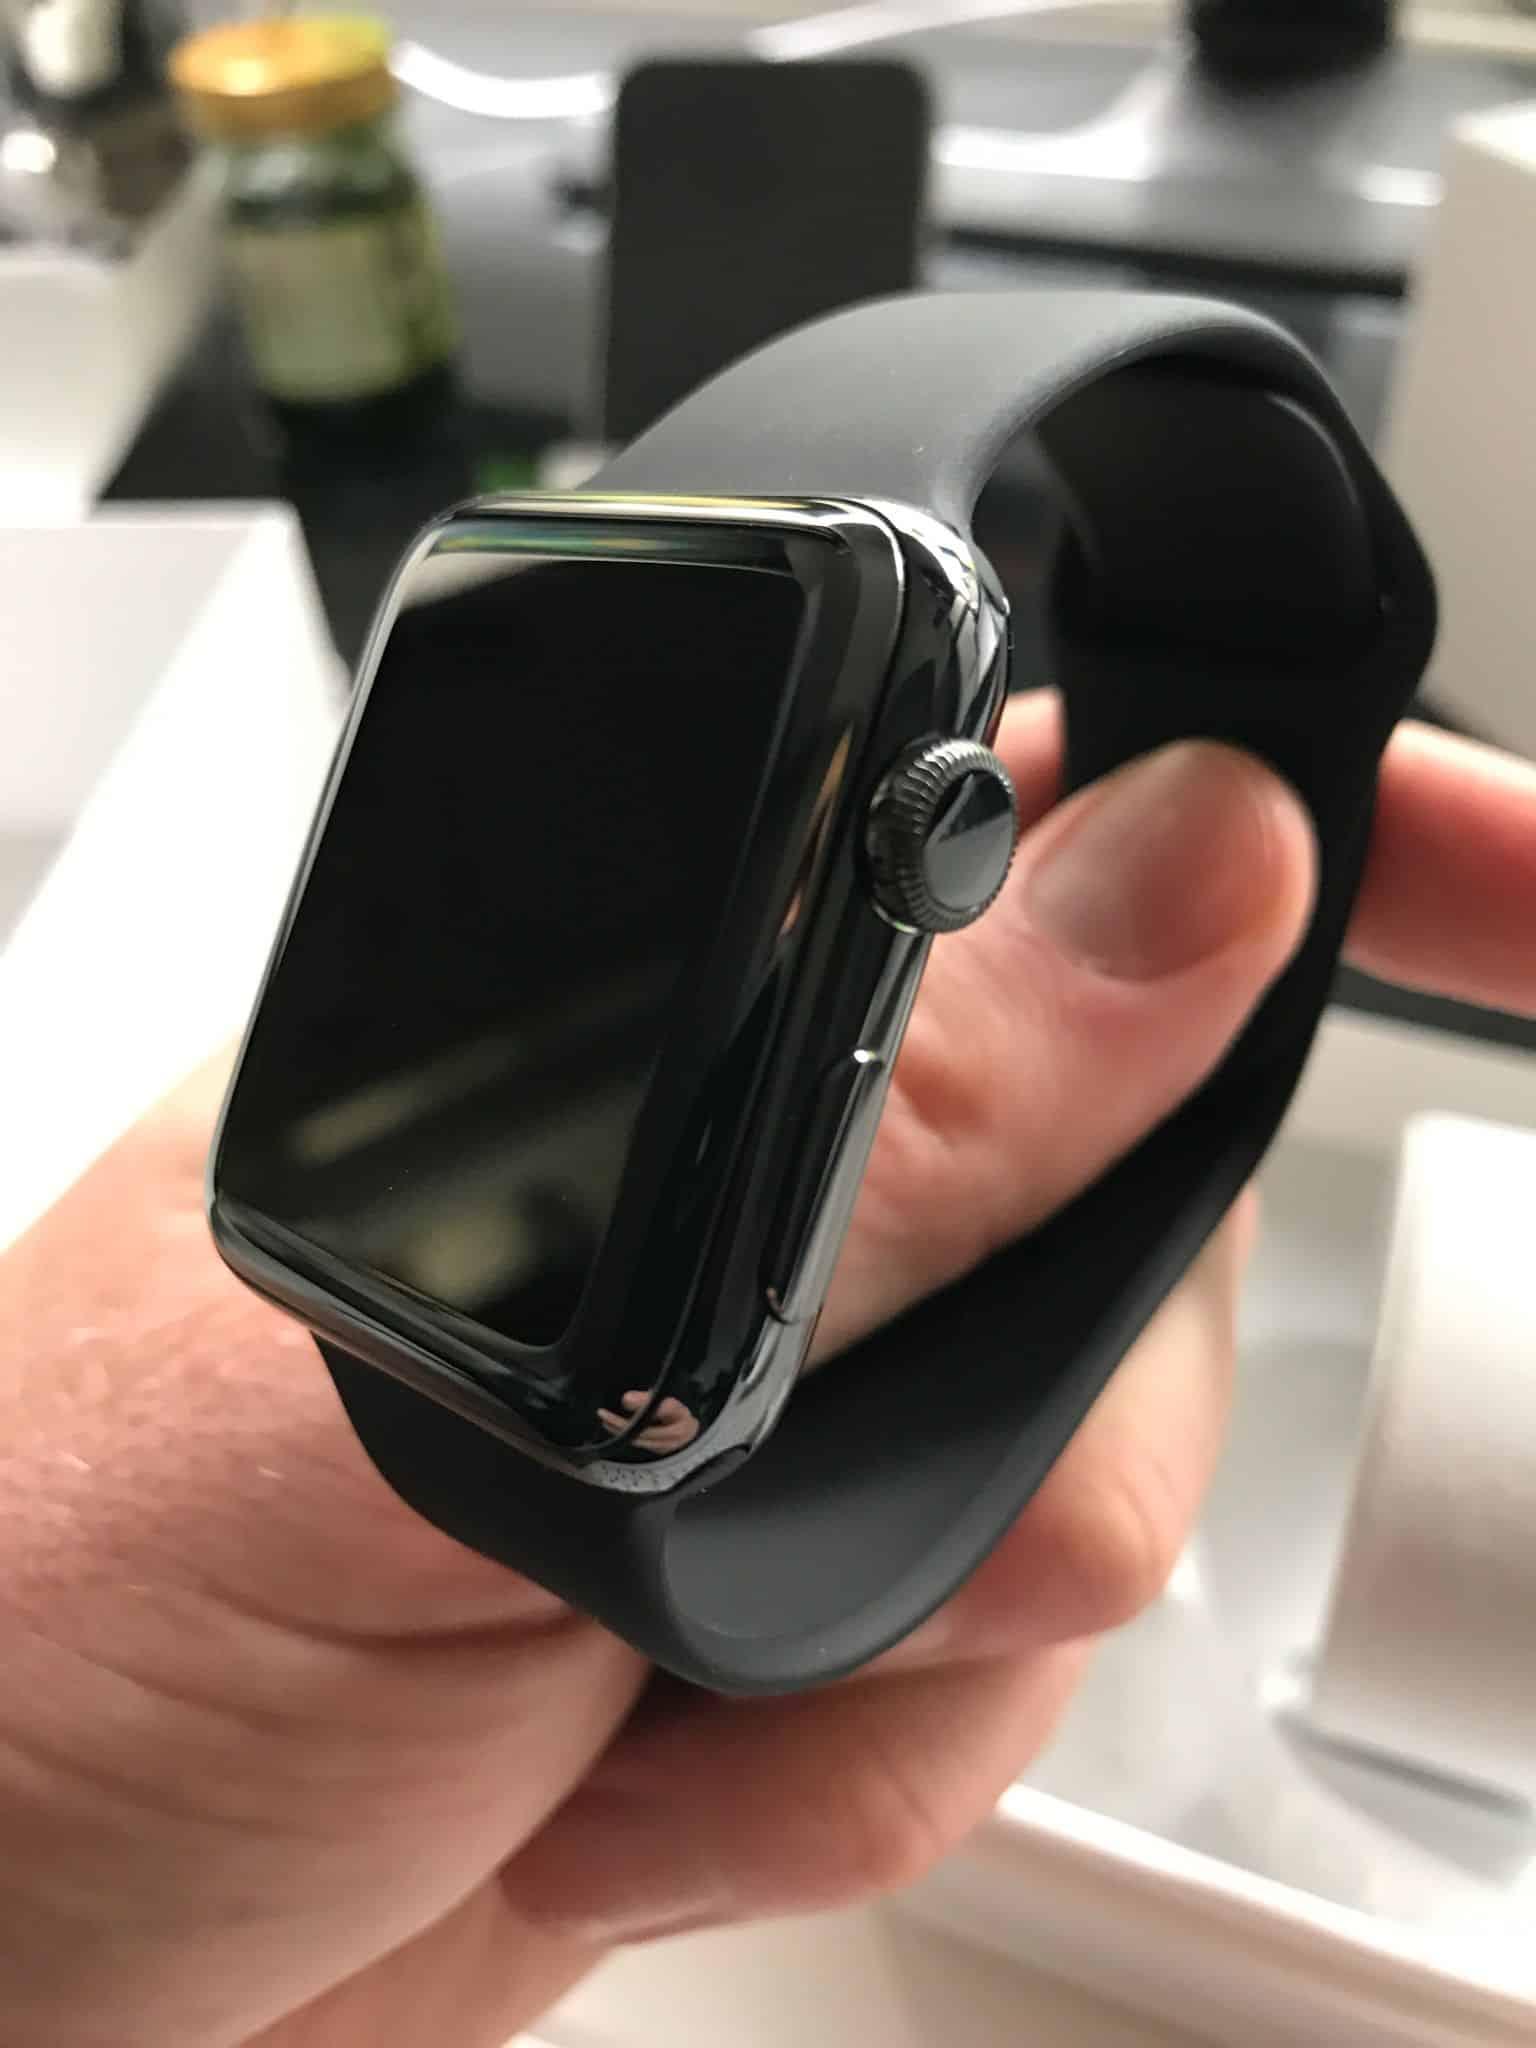 Schickes Ding, diese neue Apple Watch Series 2 Space Black: Aber ist sie auch für Wassersportler und Weltreisende geeignet? Foto: Sascha Tegtmeyer